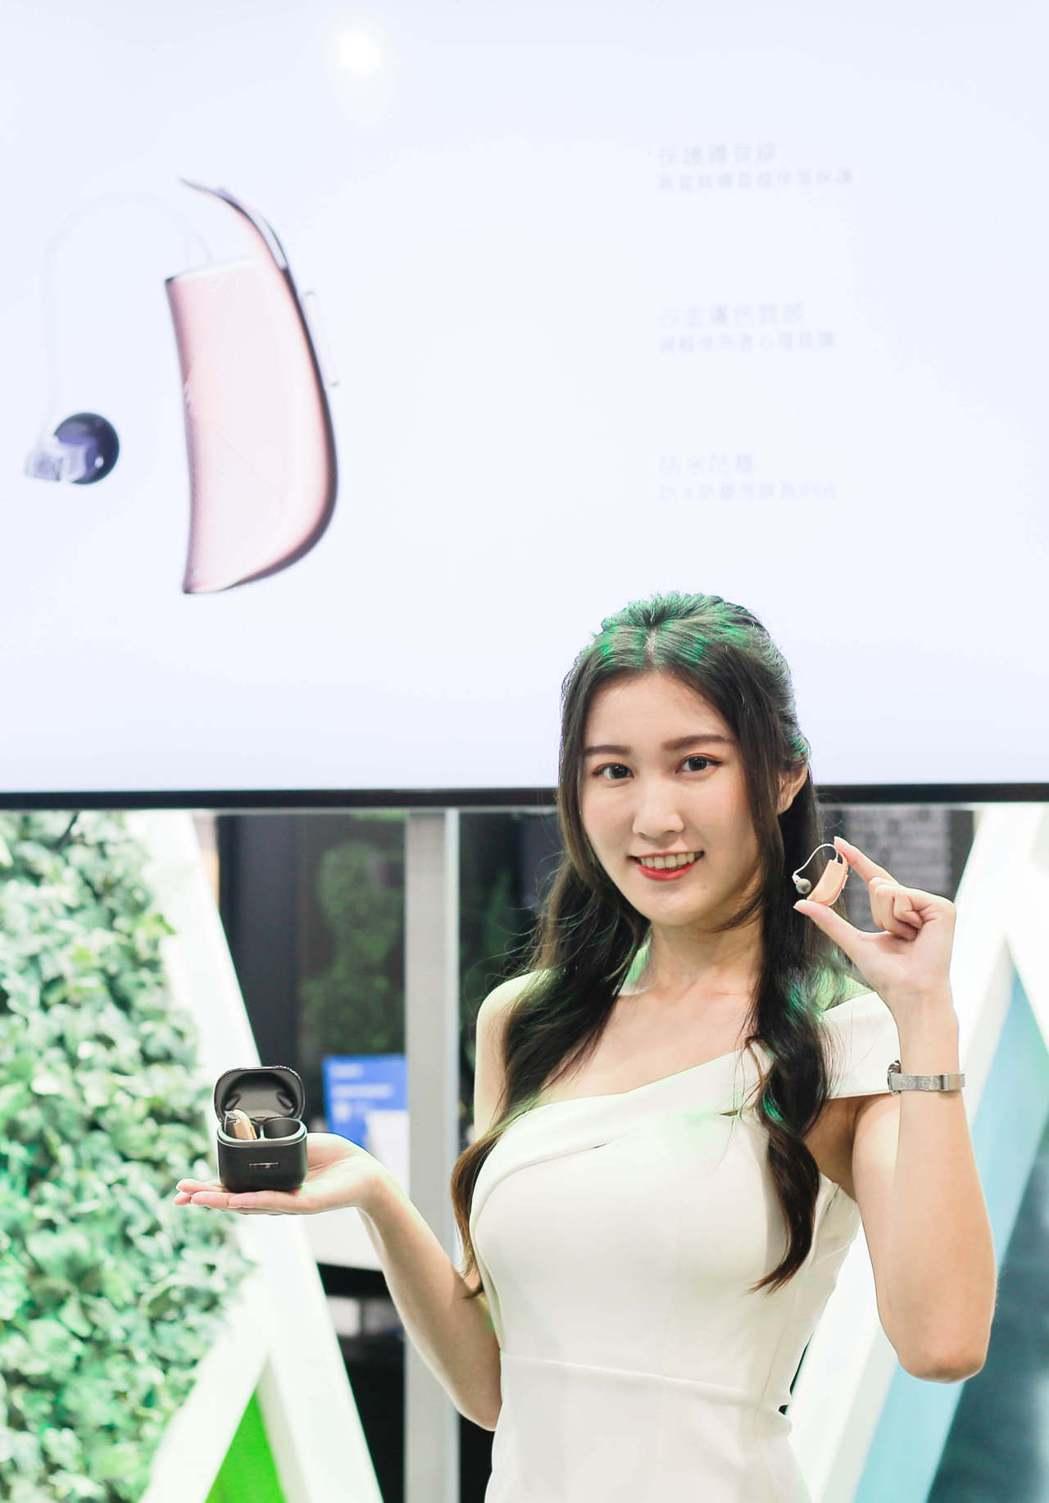 神寶輔聽器為業內首次搭載AI人工智慧的輔聽產品。仁寶/提供